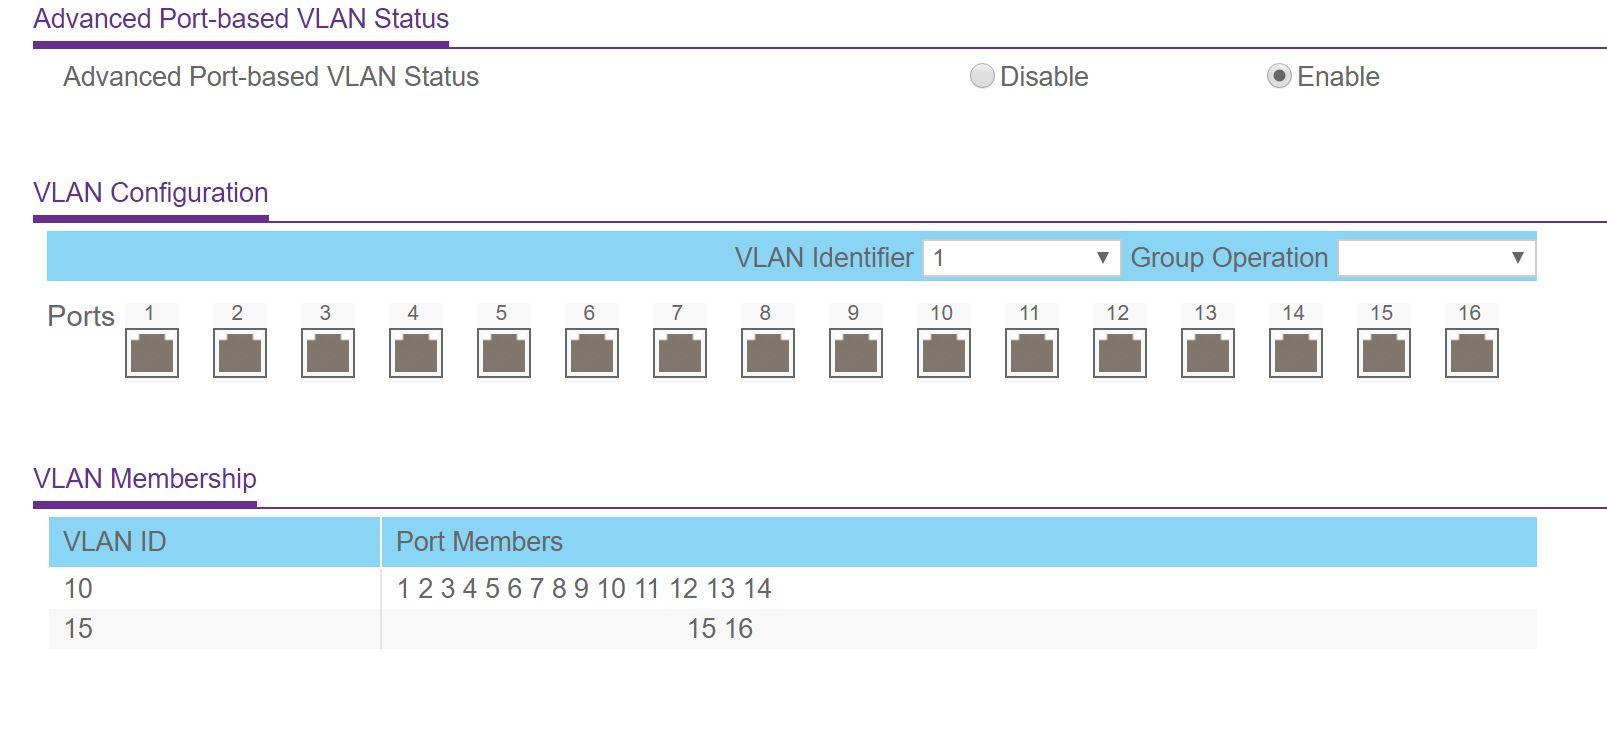 Port Based VLANs not isolated? - NETGEAR Communities